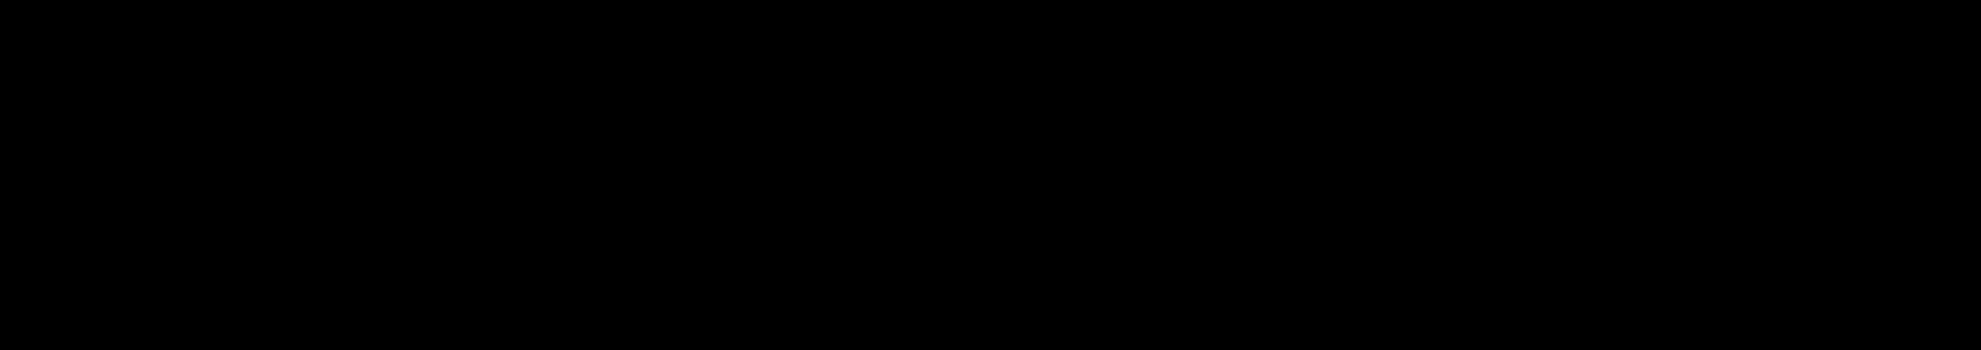 Emma Email Marketing logo